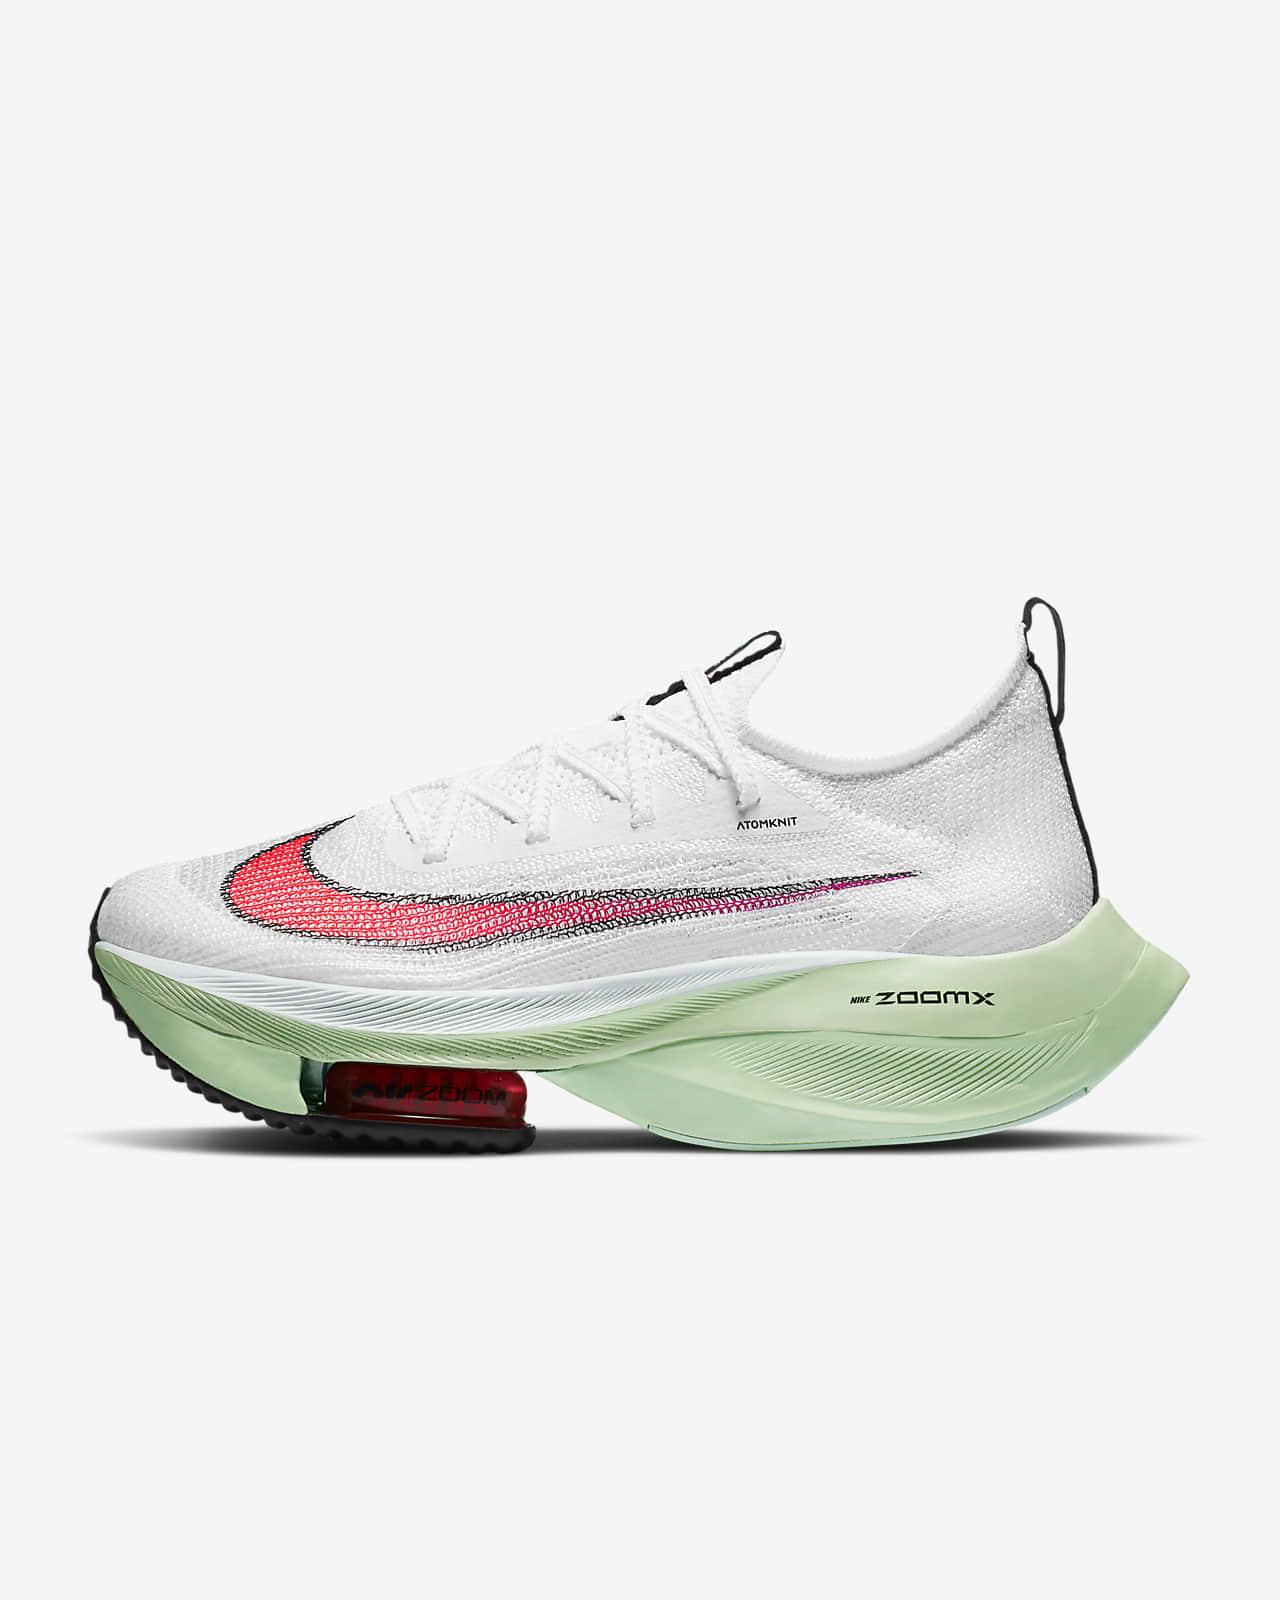 Sapatilhas de competição Nike Air Zoom Alphafly NEXT% para mulher